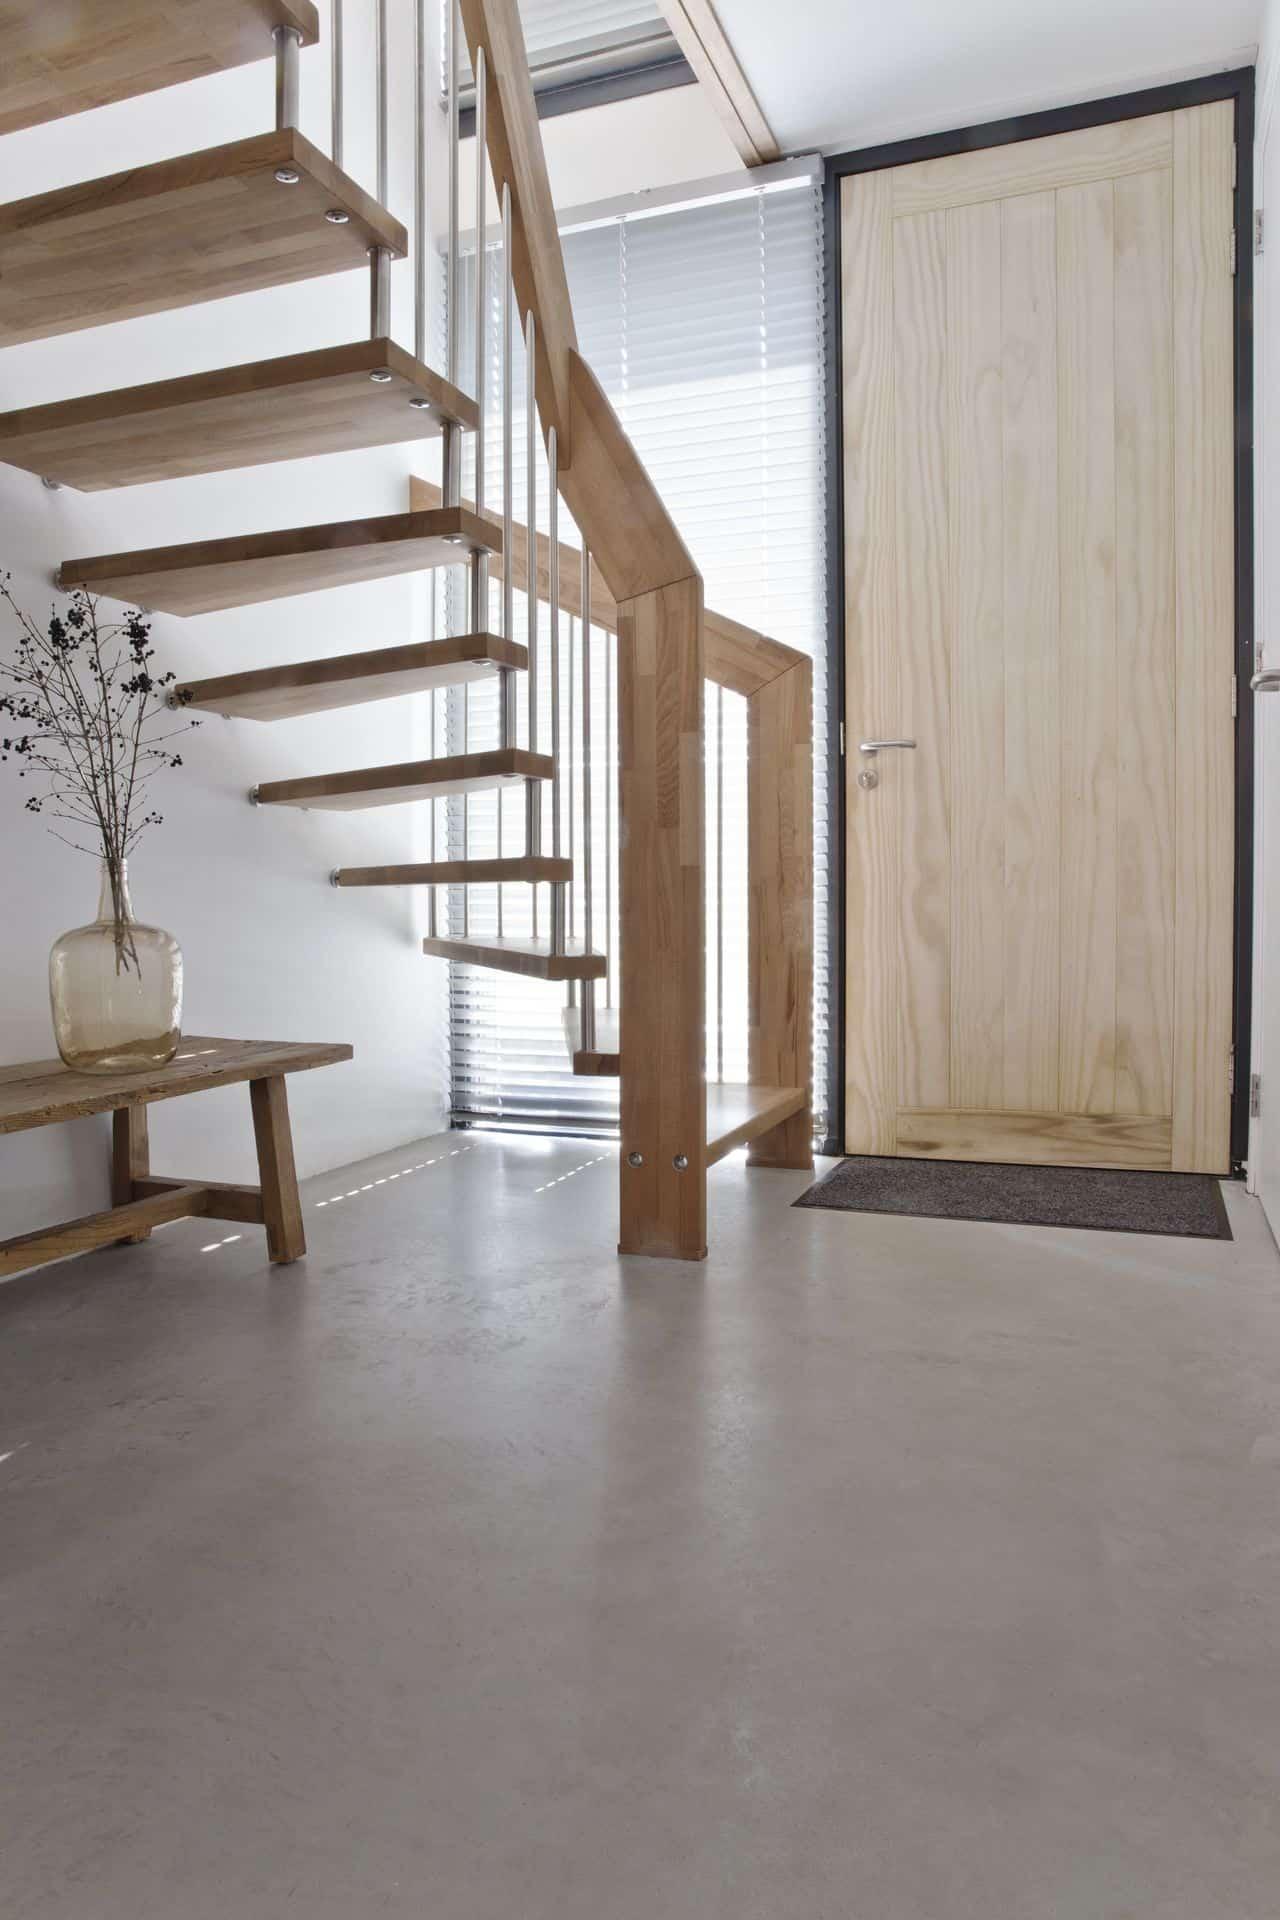 betonvloer hal, Woonbeton vloer entree